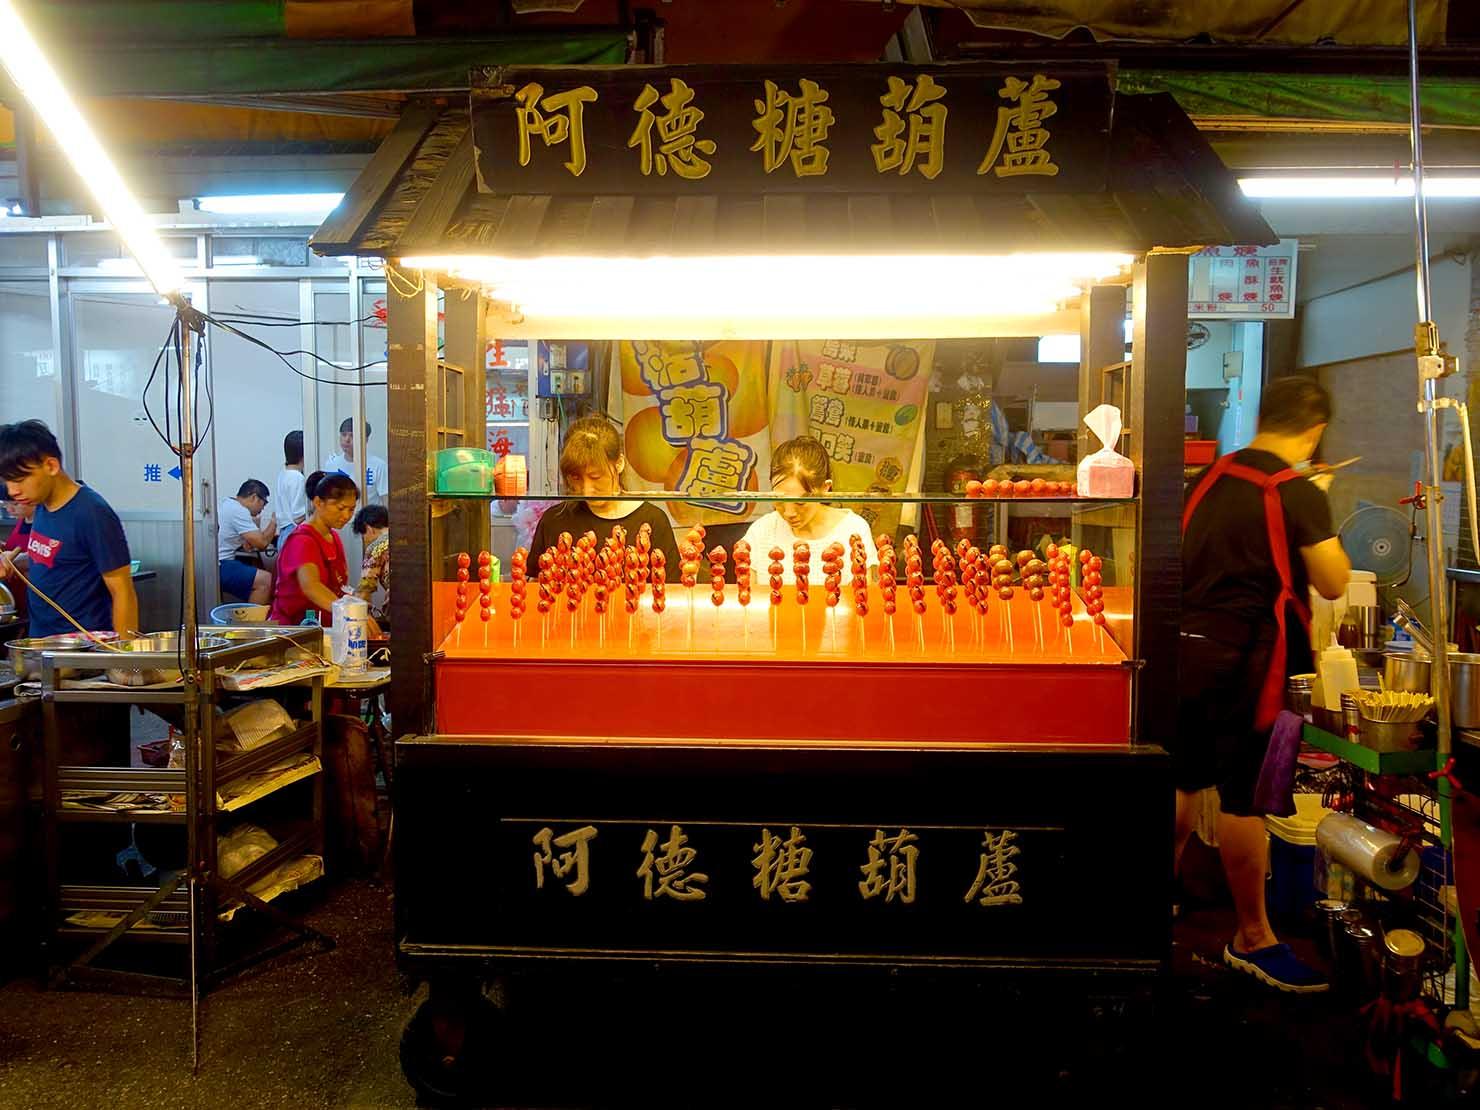 台湾夜市の定番グルメ「糖葫蘆」の屋台